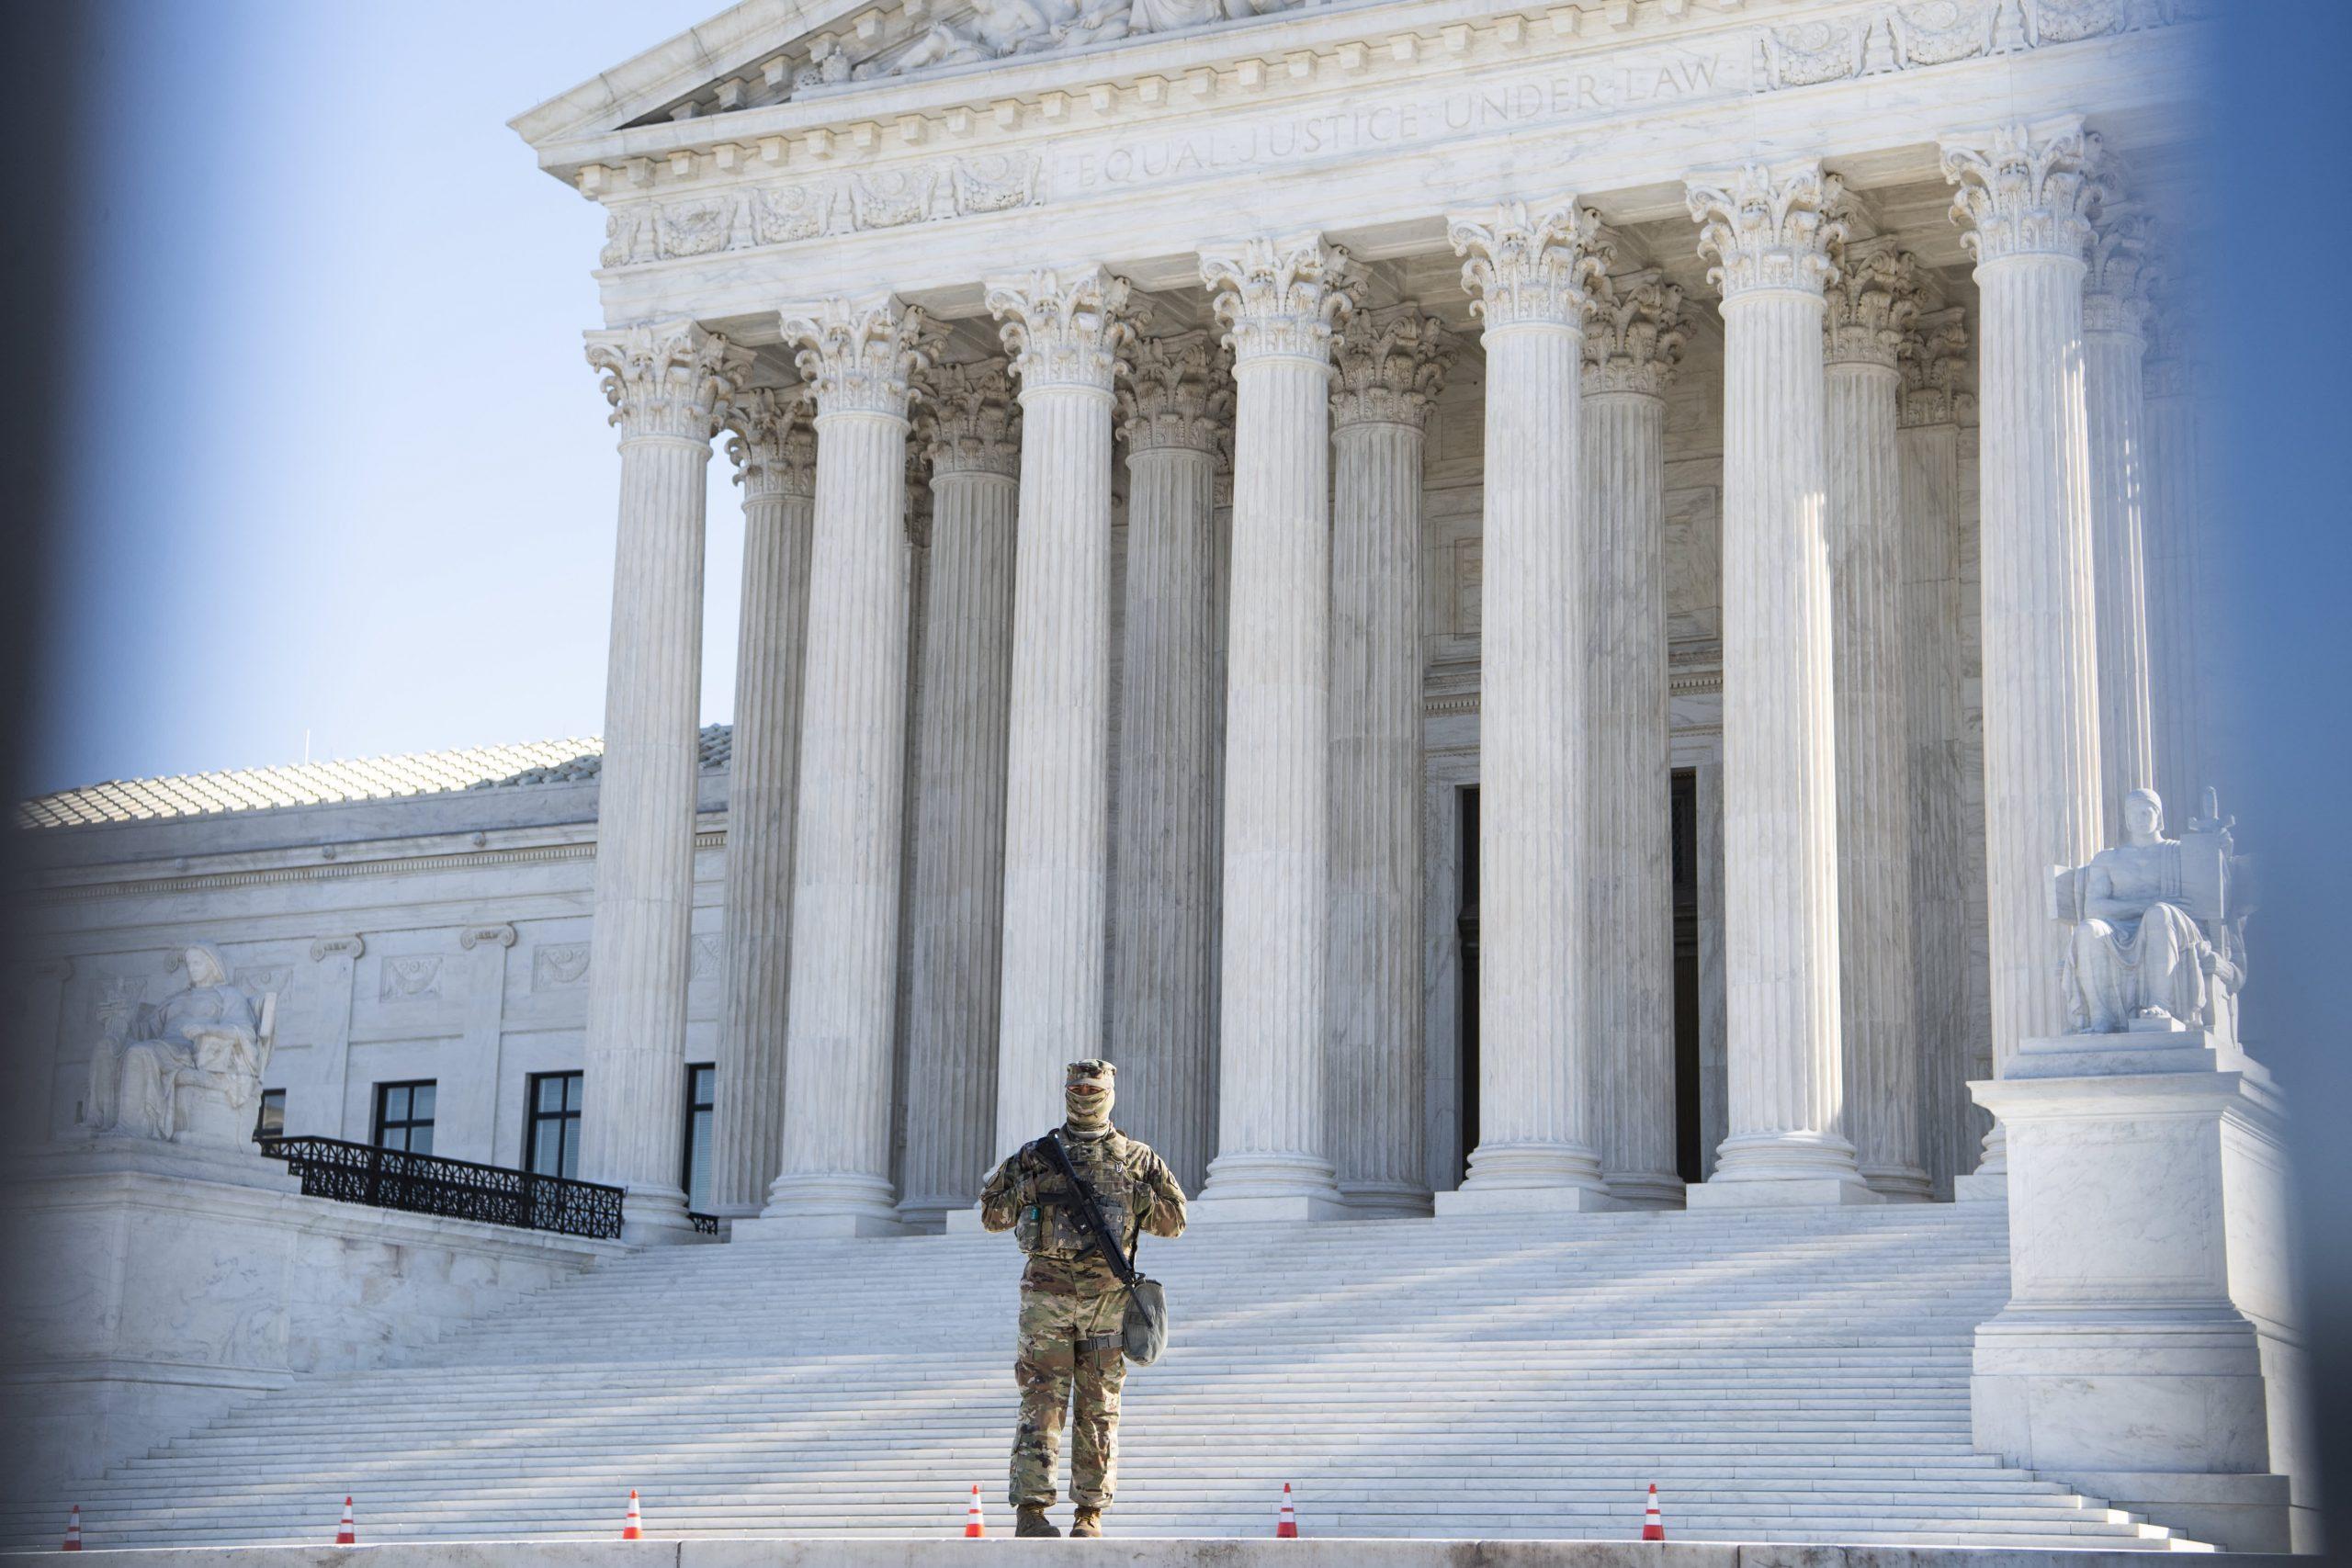 La Corte Suprema no escuchará el caso que argumenta que el registro militar discrimina contra los hombres